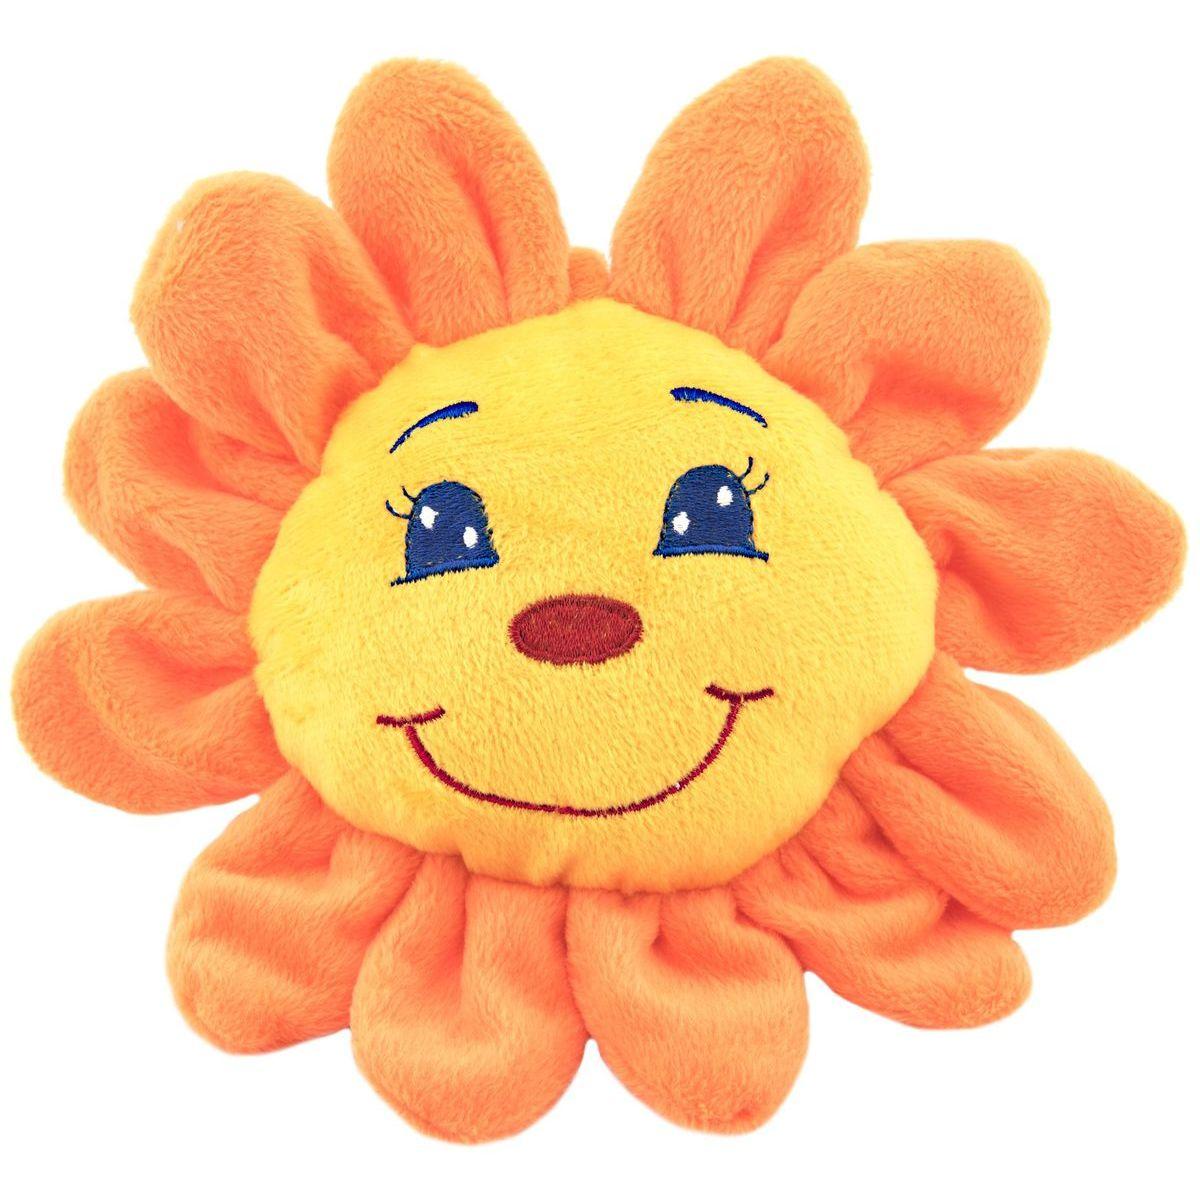 Plyšový hrací strojček slniečko 20 cm